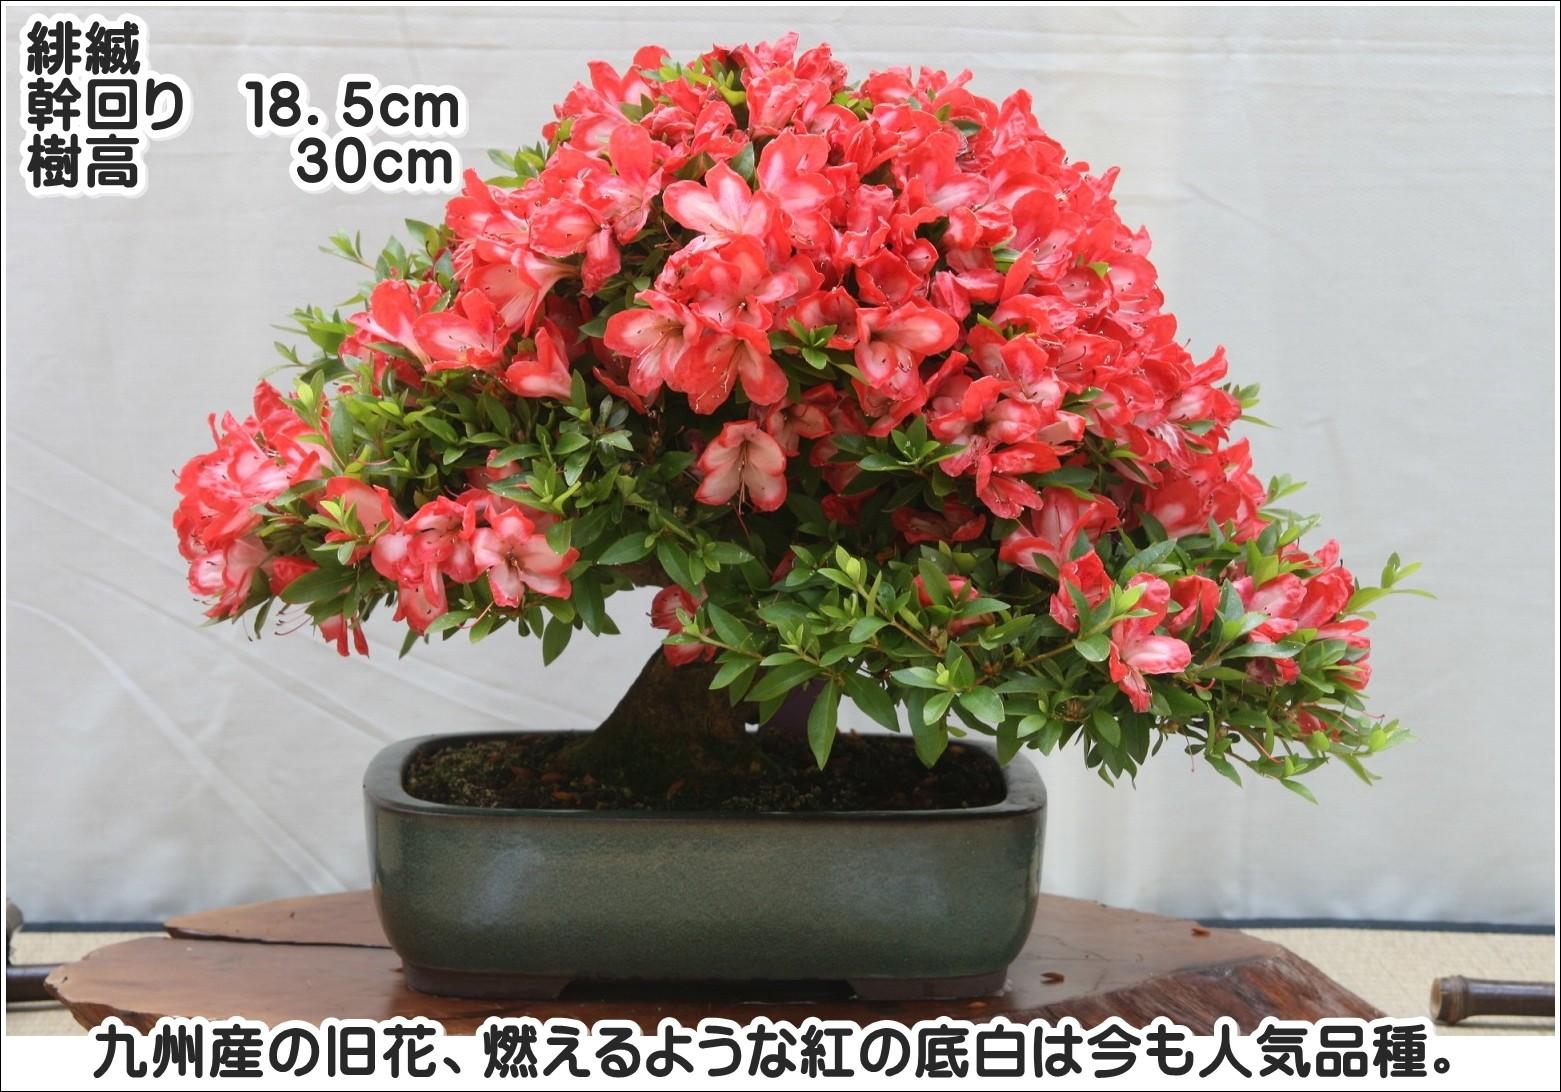 九州産の旧花、燃えるような紅の底白は今も人気品種。